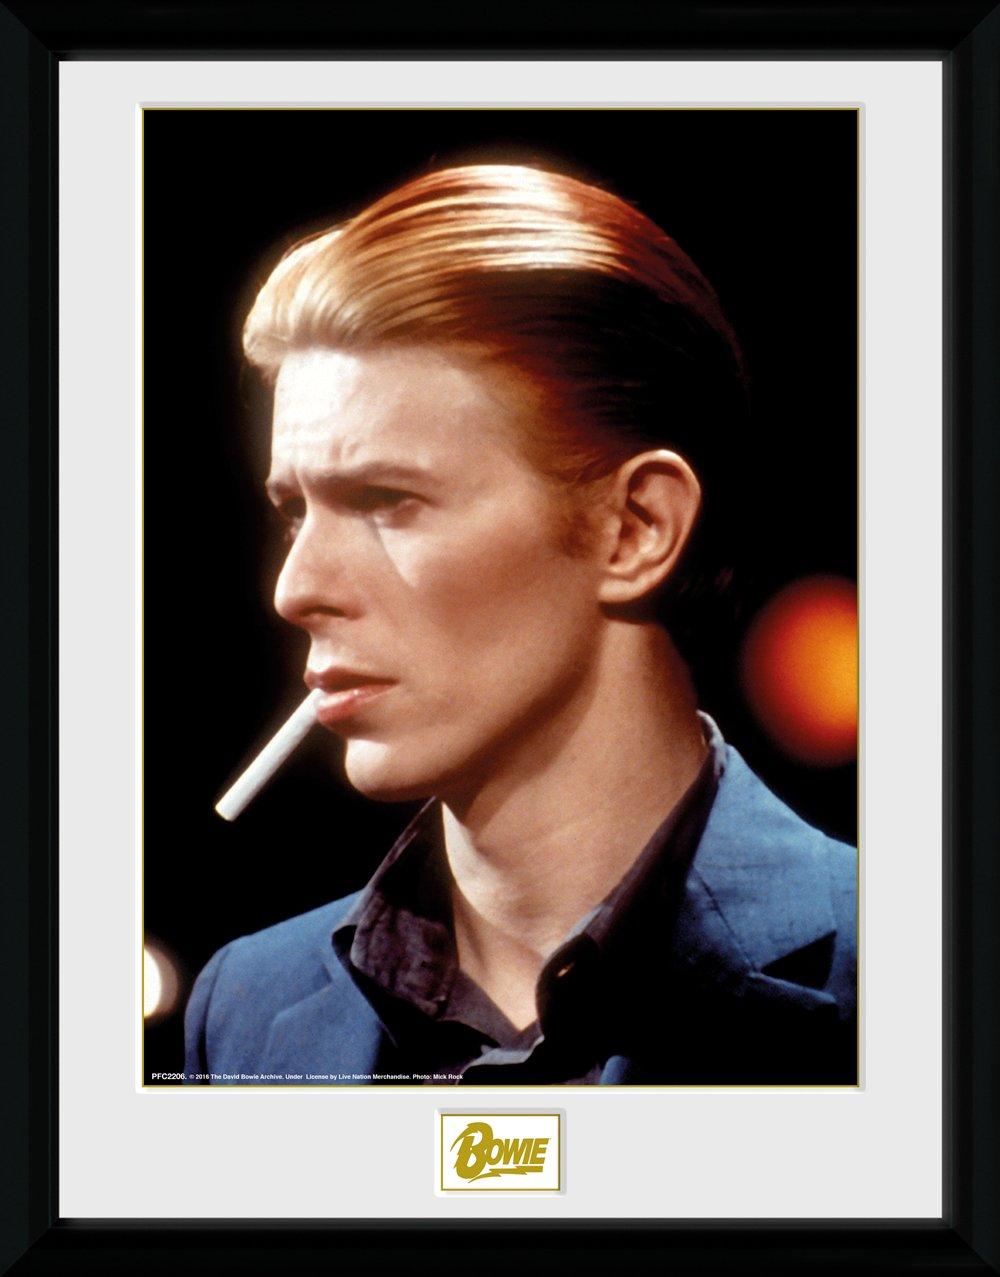 30 x 30cm Gb Eye David Bowie Ziggy Stardust Framed Album Cover Multi-colour